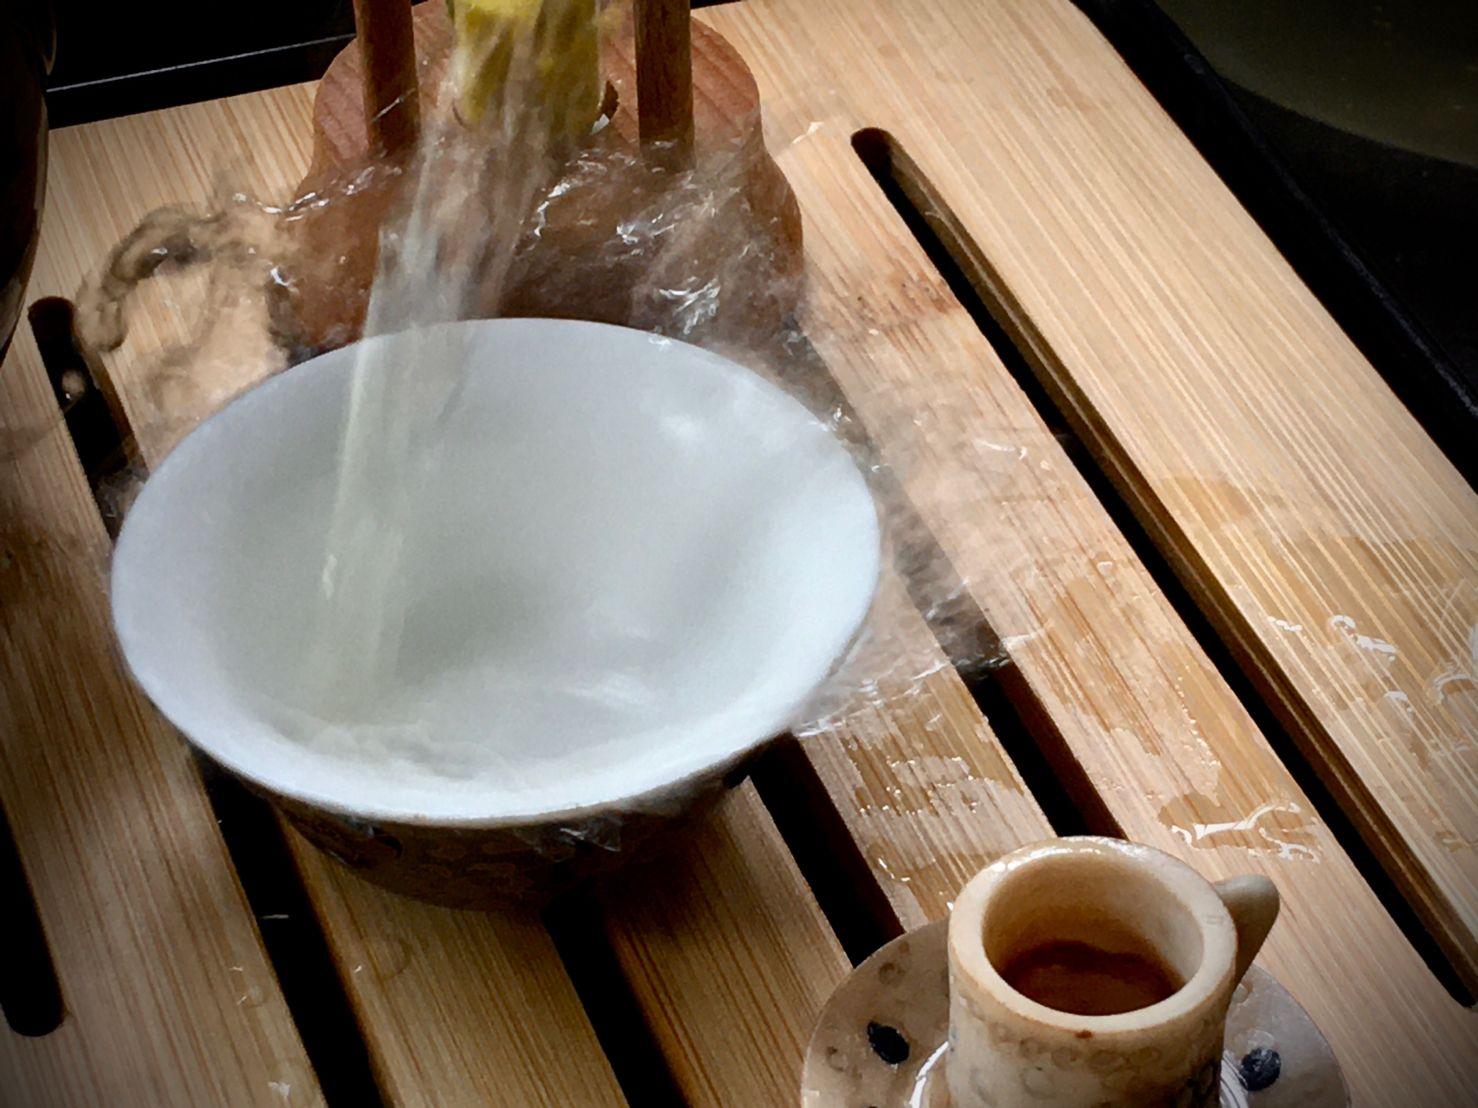 Nán Jīng Yǔ Huā Chá, 南京雨花茶, Nanjing Yuhua Tea, (Rain Flower Green Tea)